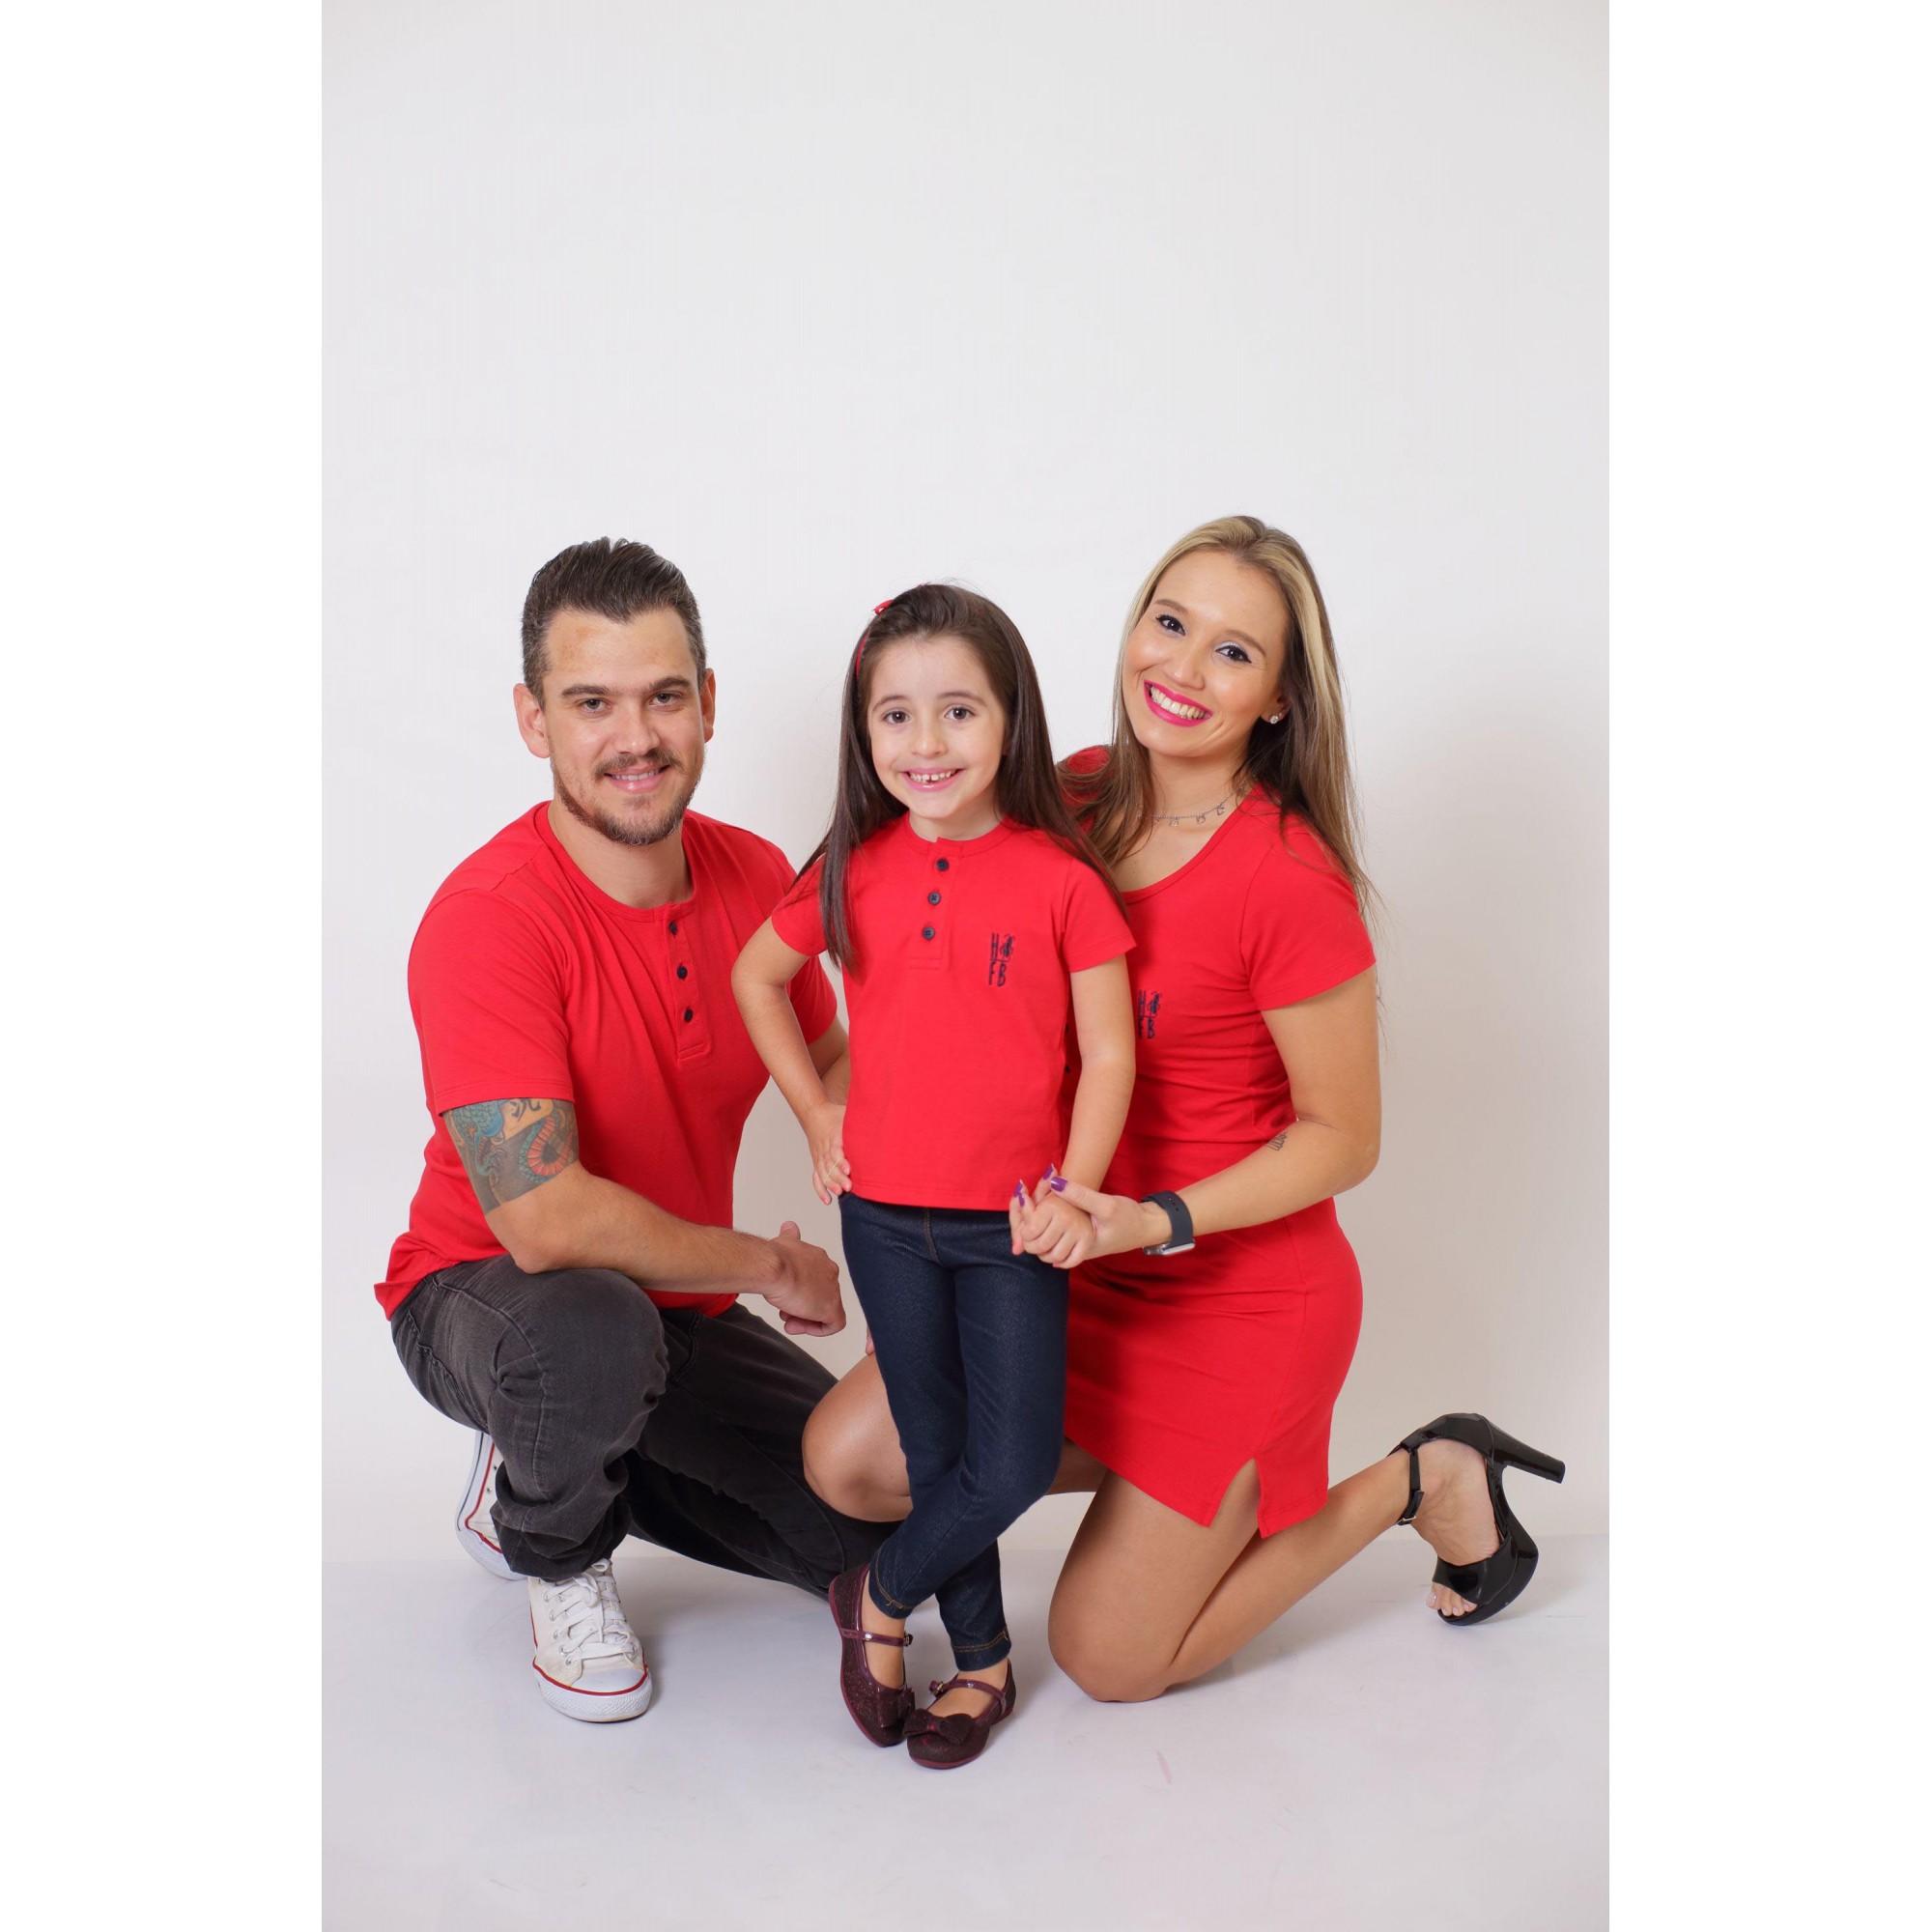 PAIS E FILHA > Kit 3 Peças - T-Shirt + Vestido + T-Shirt ou Body Henley Infantil - Vermelho [Coleção Família]  - Heitor Fashion Brazil